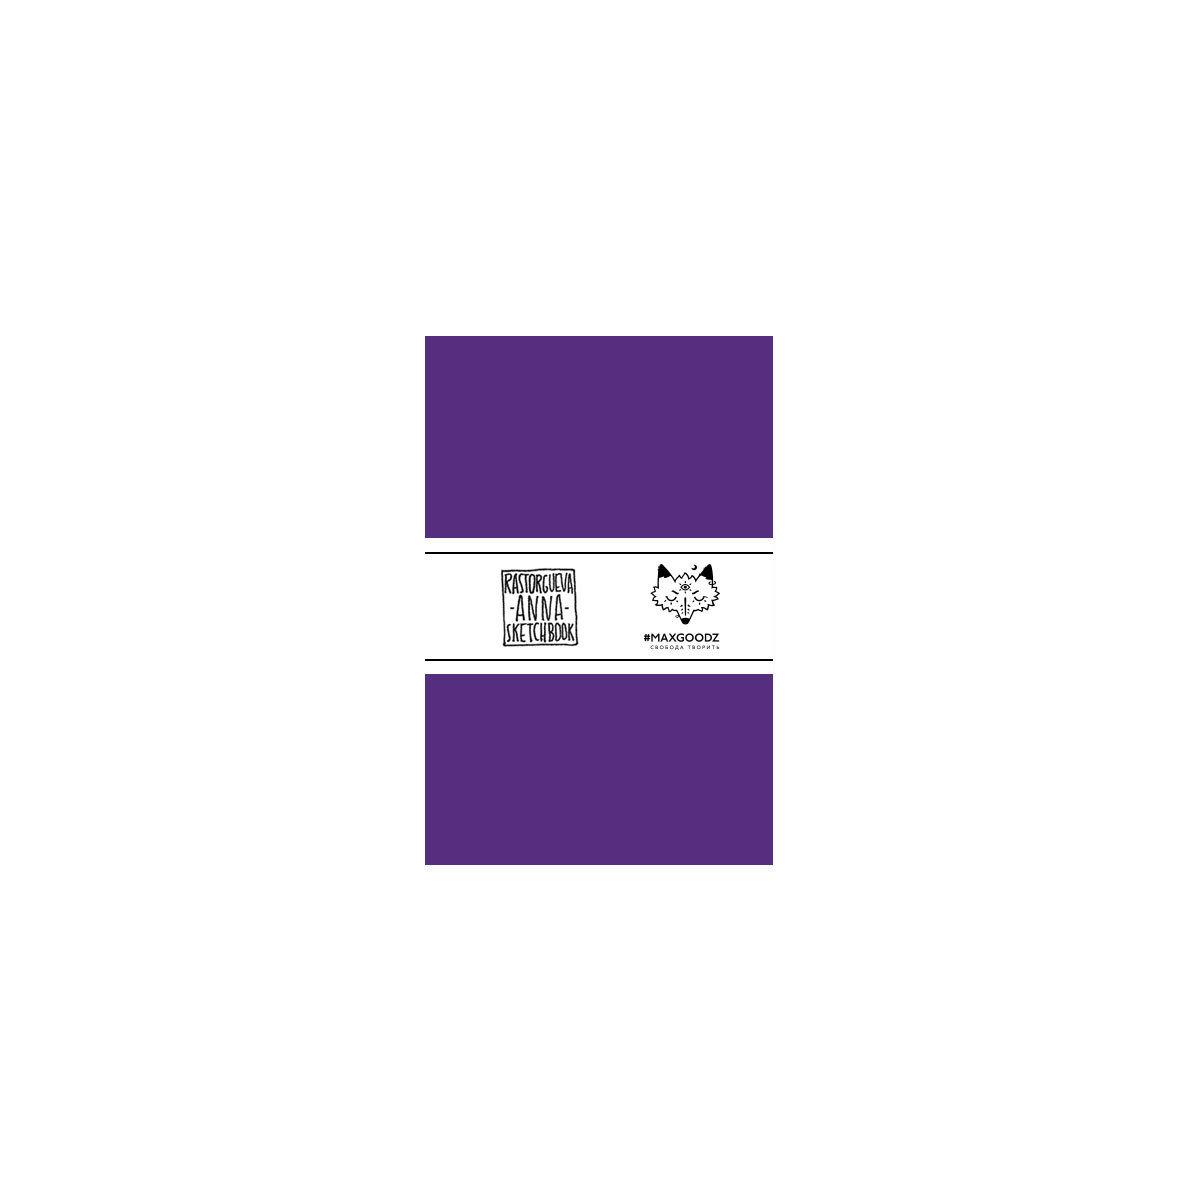 Купить Скетчбук для маркеров Maxgoodz Pocket Marker А6, 20 л, 220 г Фиолетовый, Россия